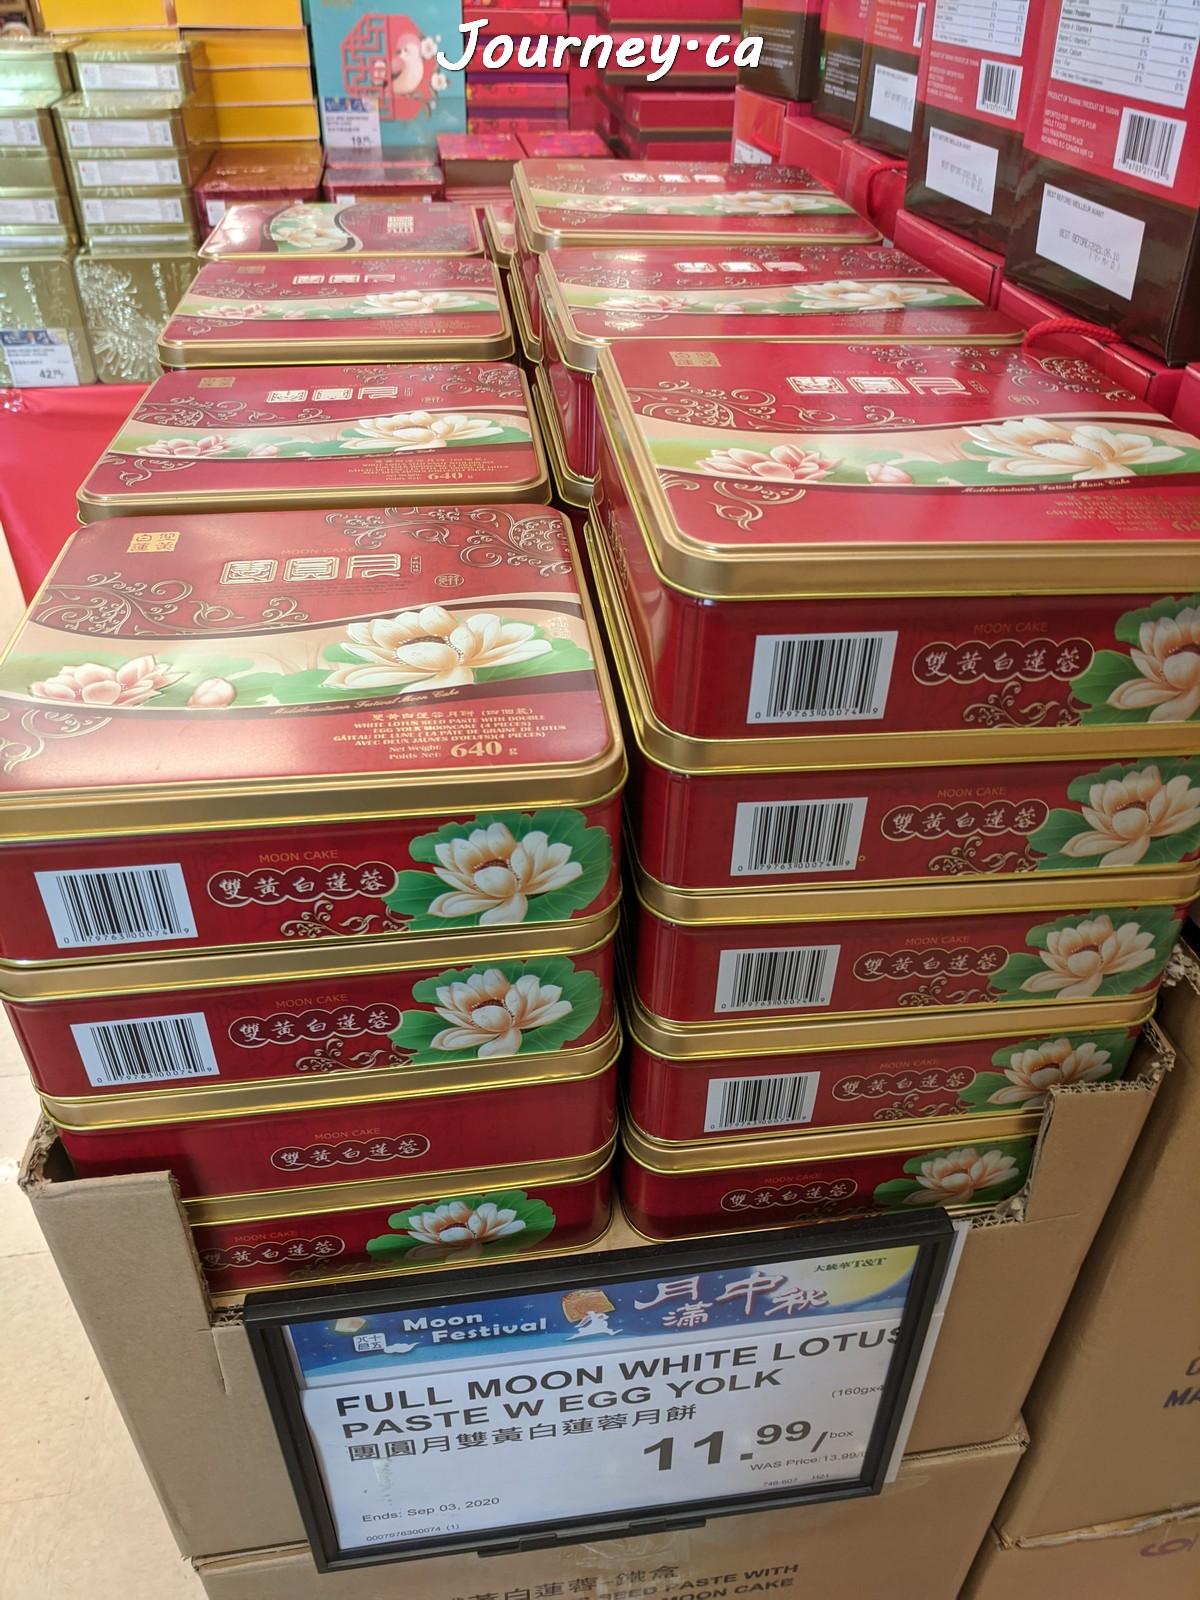 月饼礼盒11.99加元